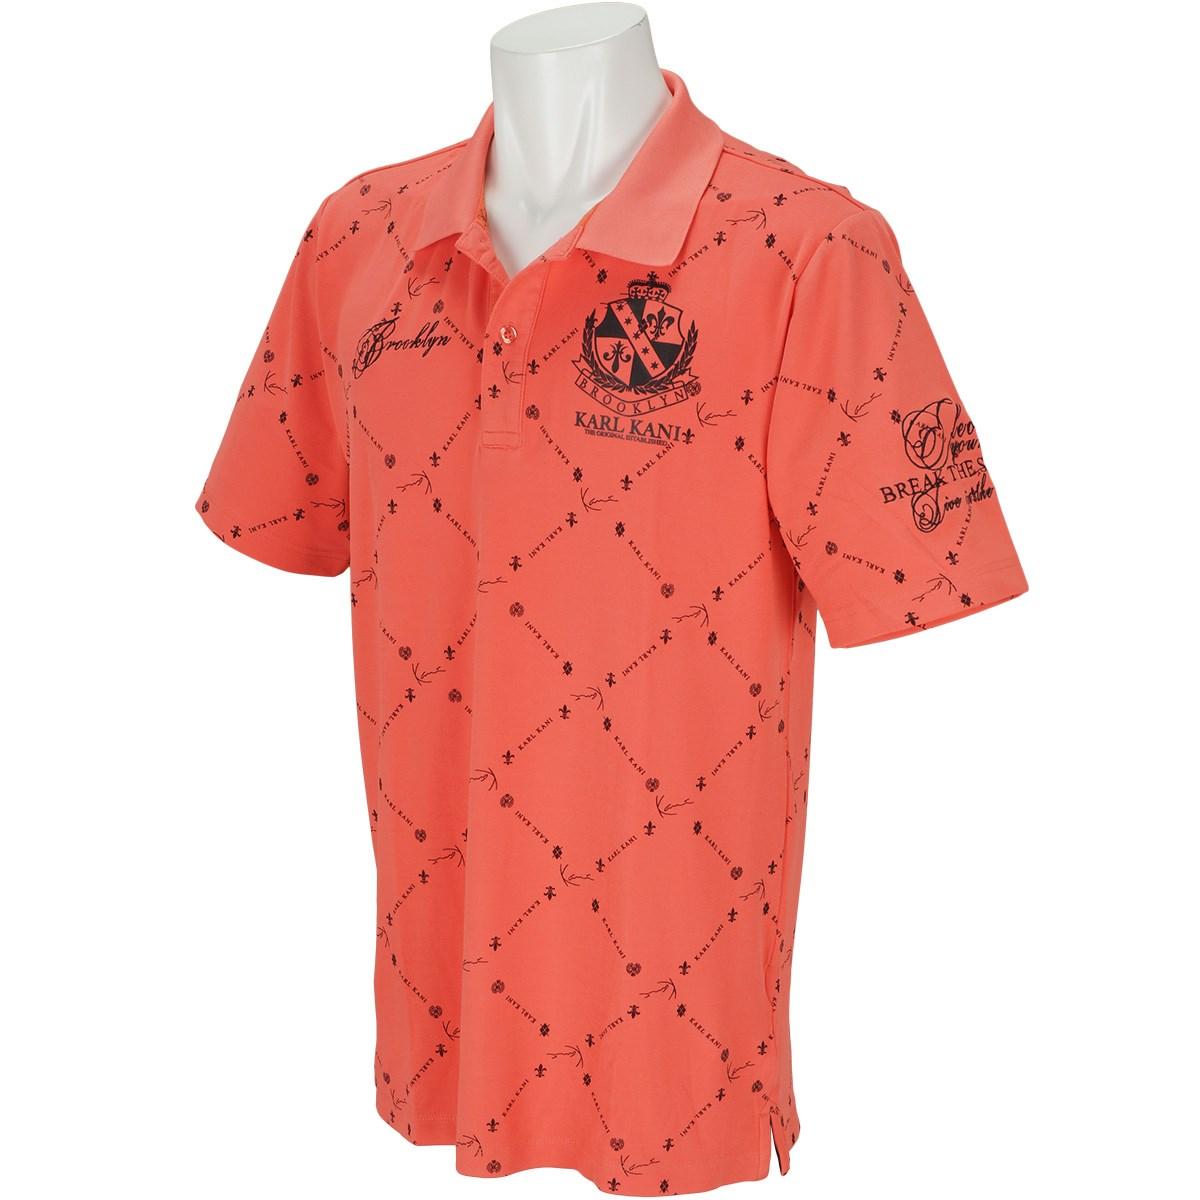 カールカナイゴルフ 接触冷感 ドライ 総柄 半袖ポロシャツ